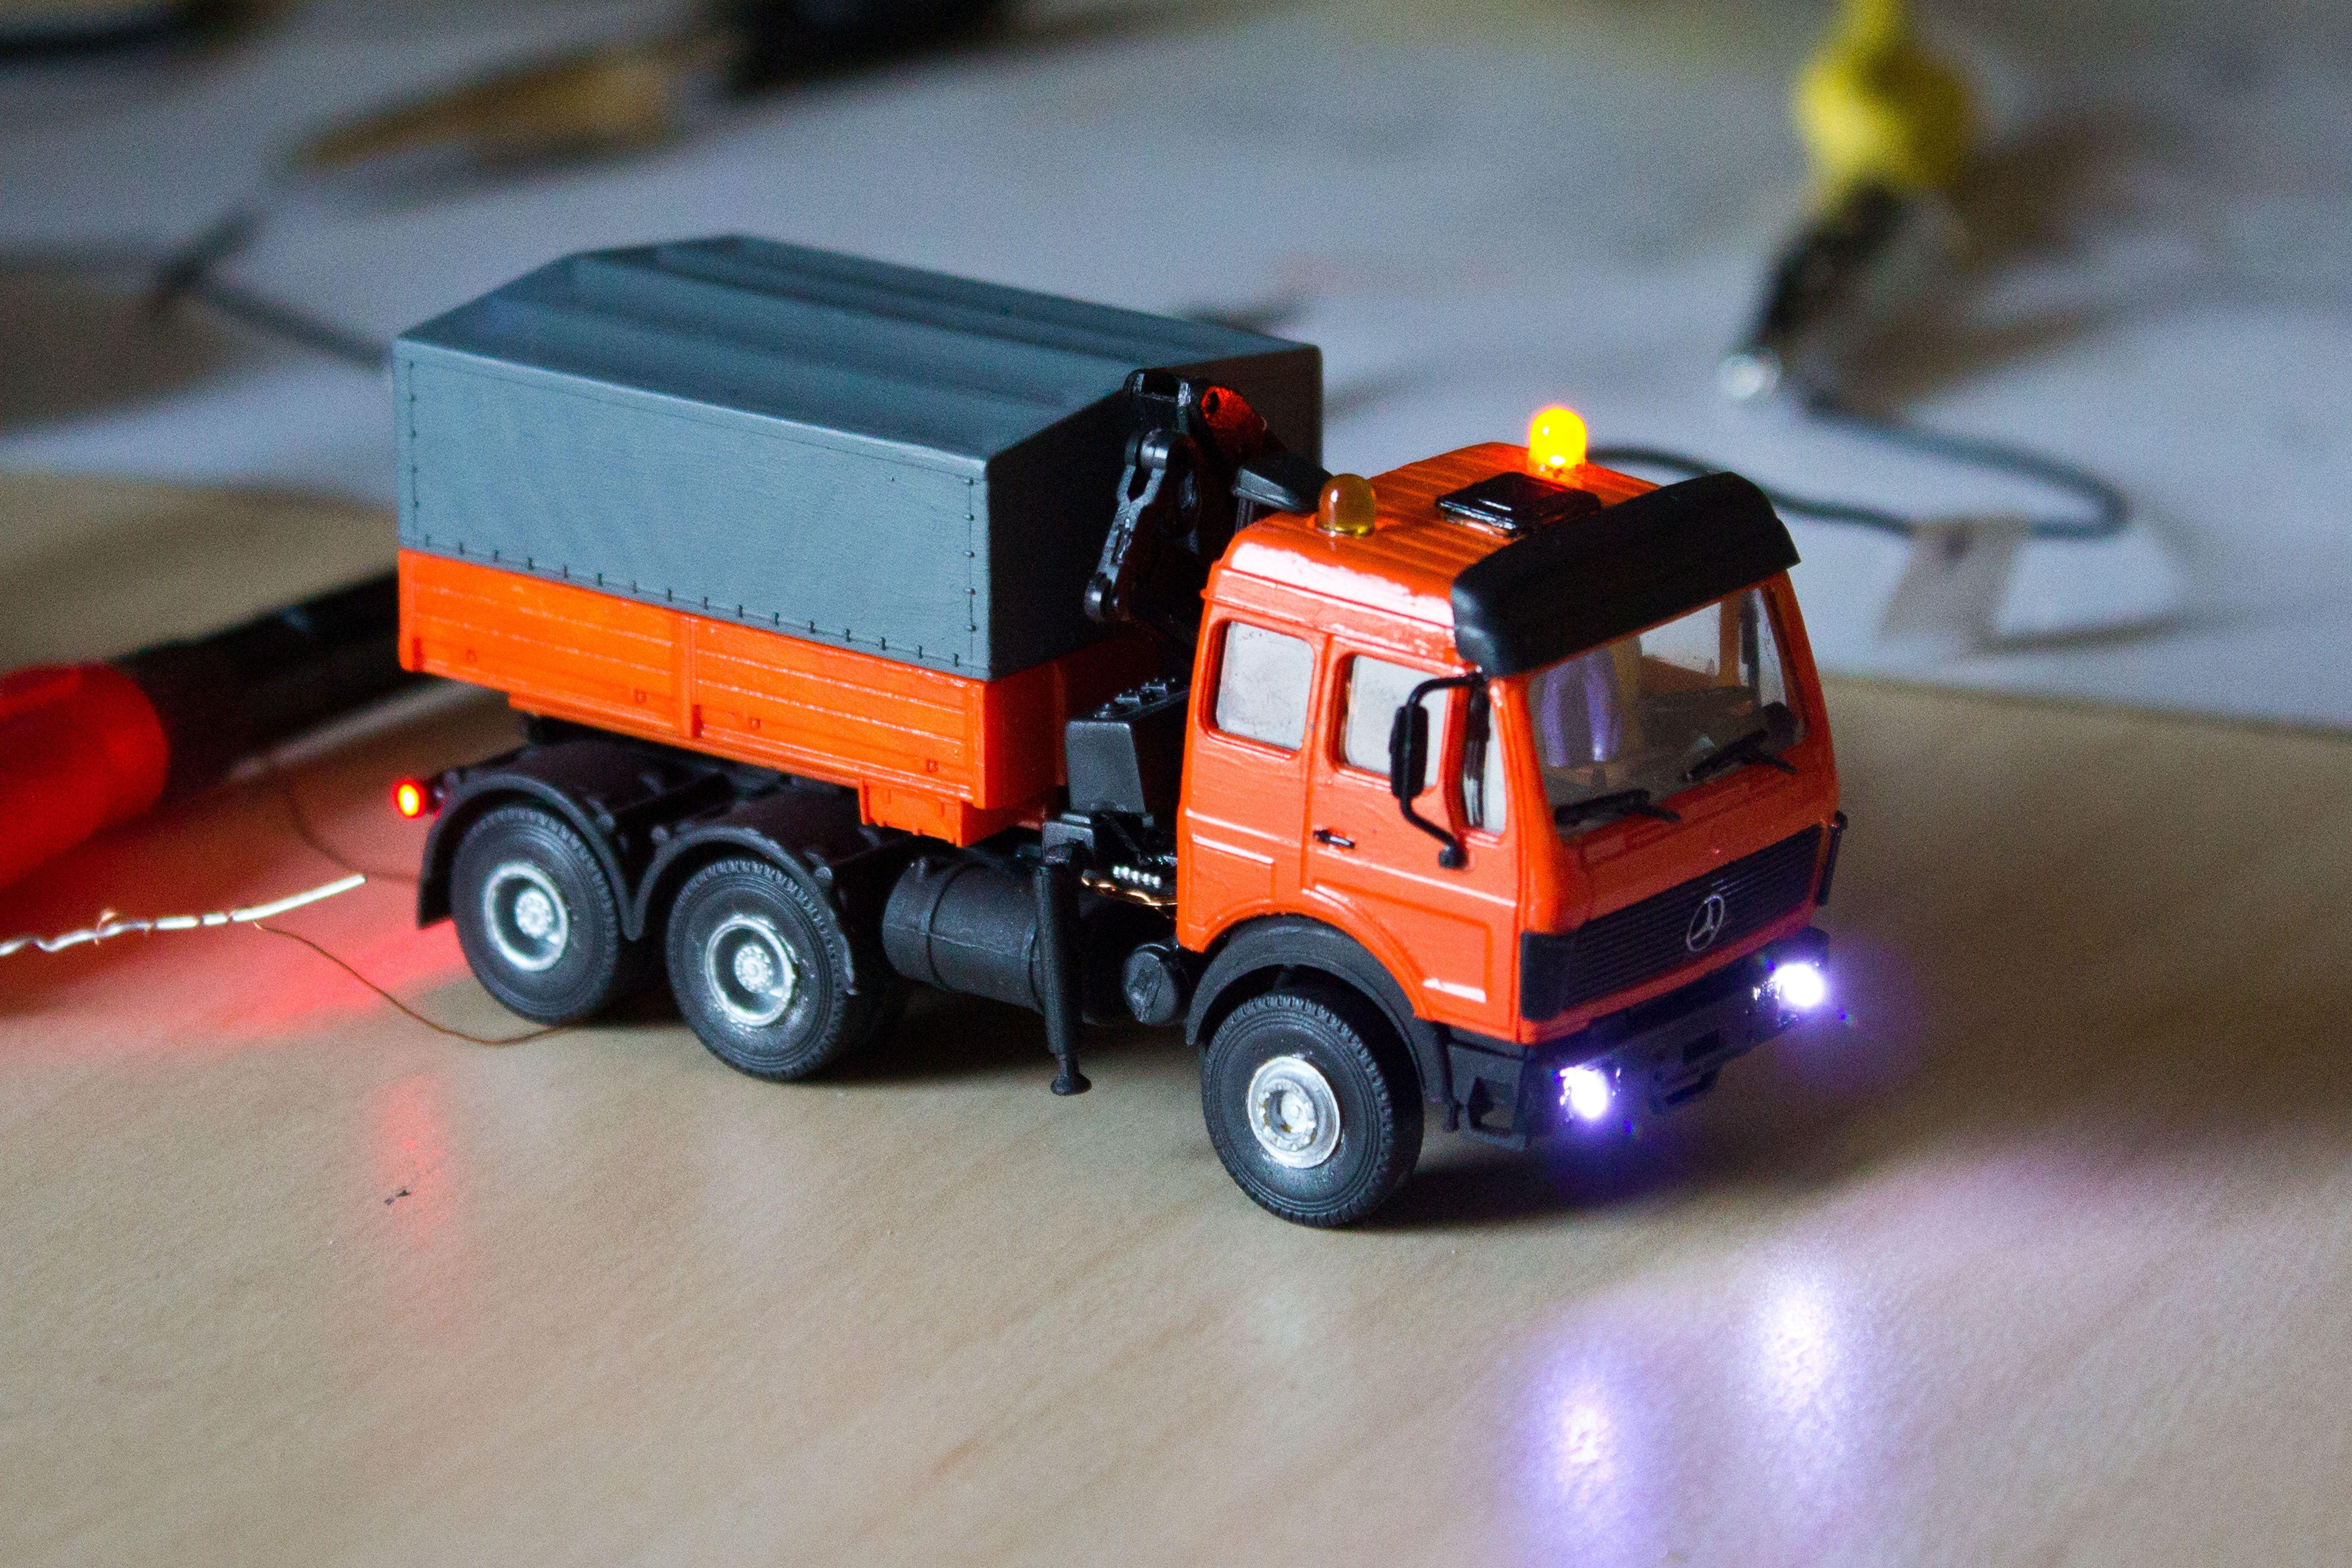 Umbau Eines Lkw S Mit Blinklichtern Und Beleuchtung Blinklicht Led Beleuchtung Modellbau Lkw